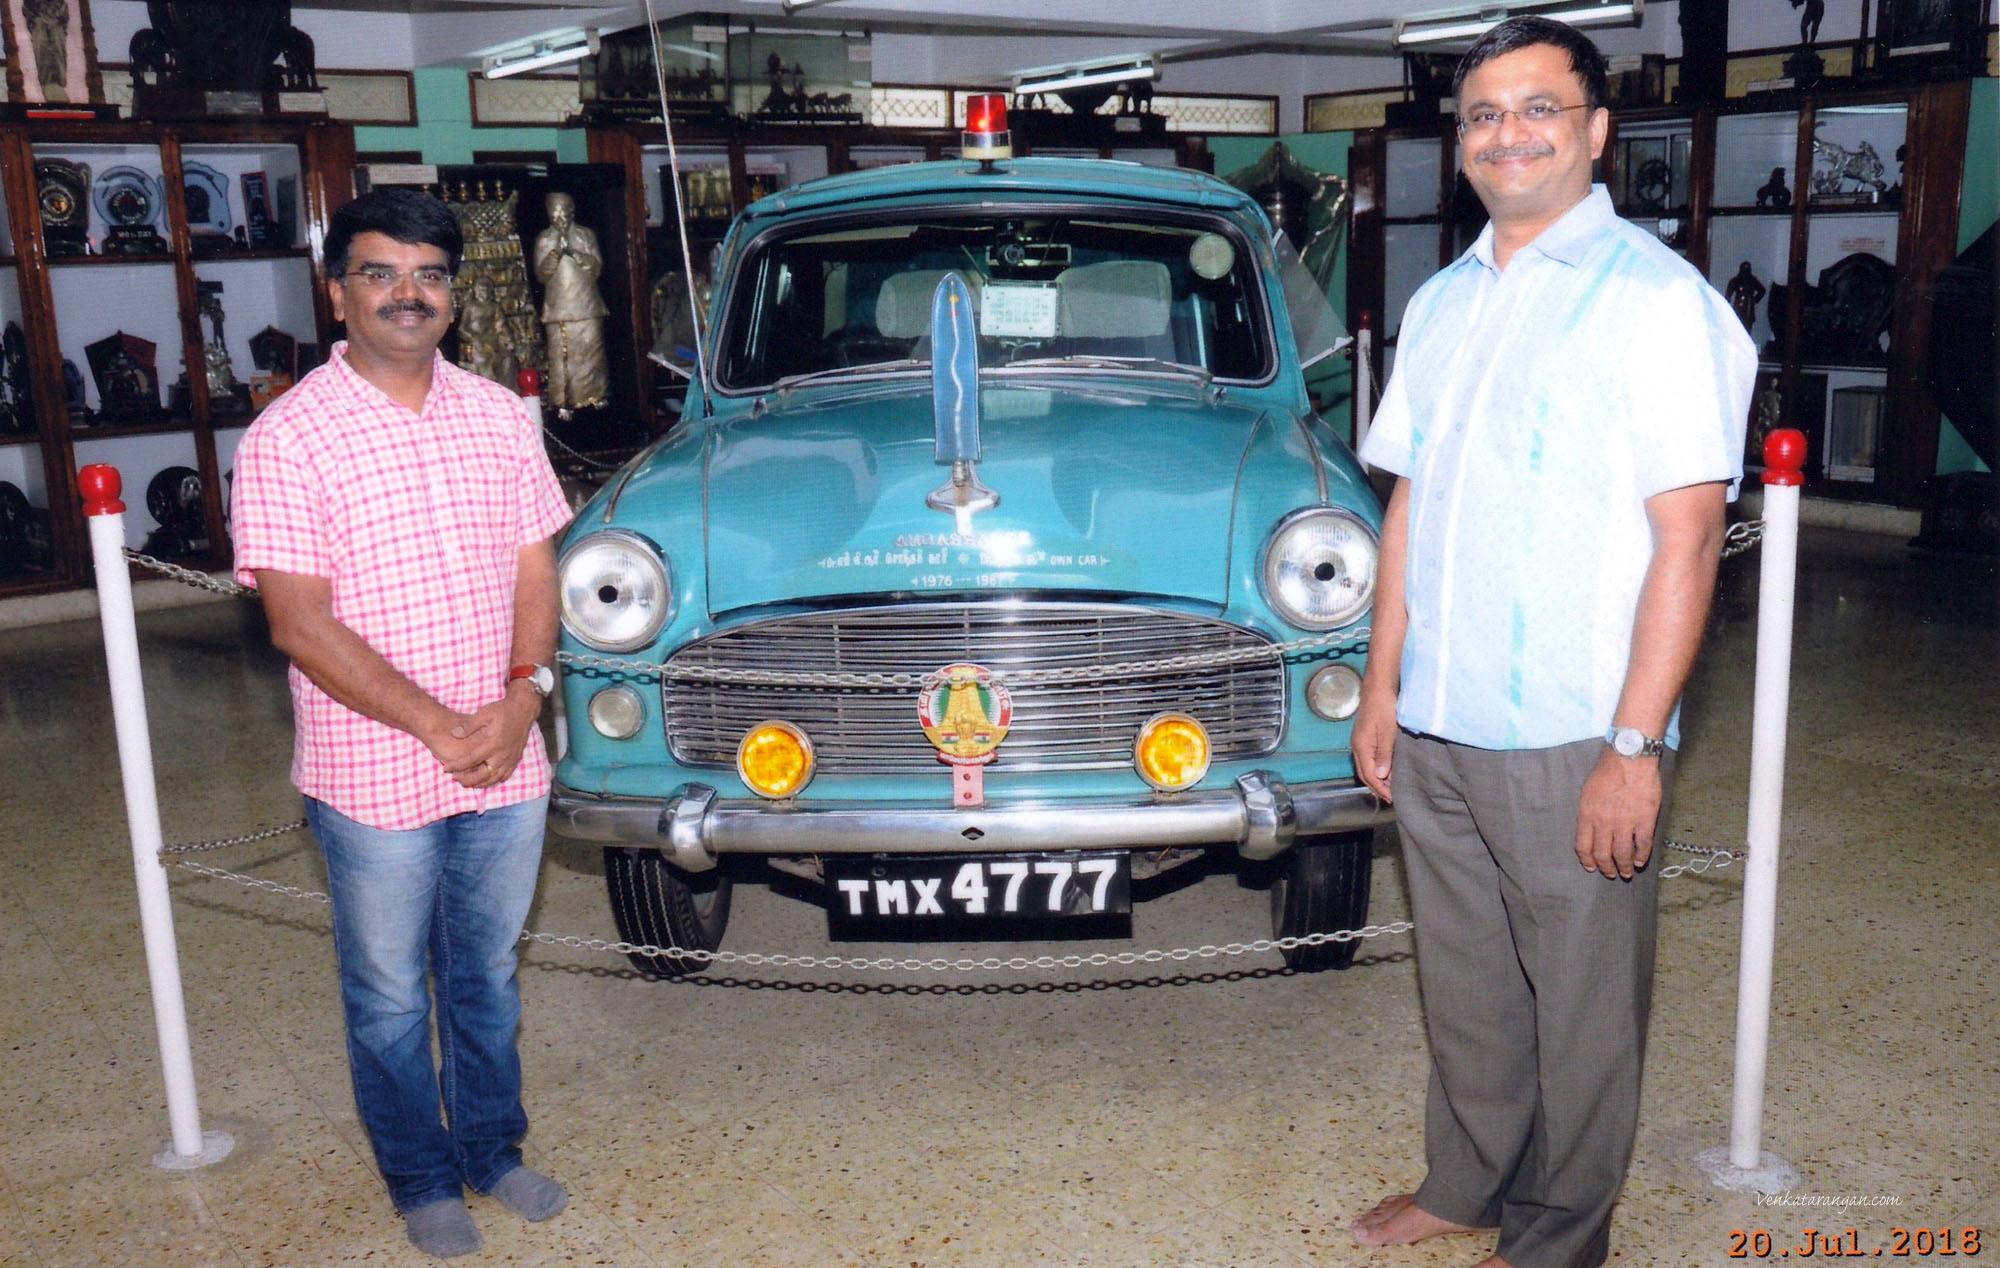 டாக்டர் எம்.ஜி.ஆர் அவர்களின் சொந்தக் கார் (1976-87). With E.Ravi near the Ambassador Car used by Dr.MGR from 1976-87.